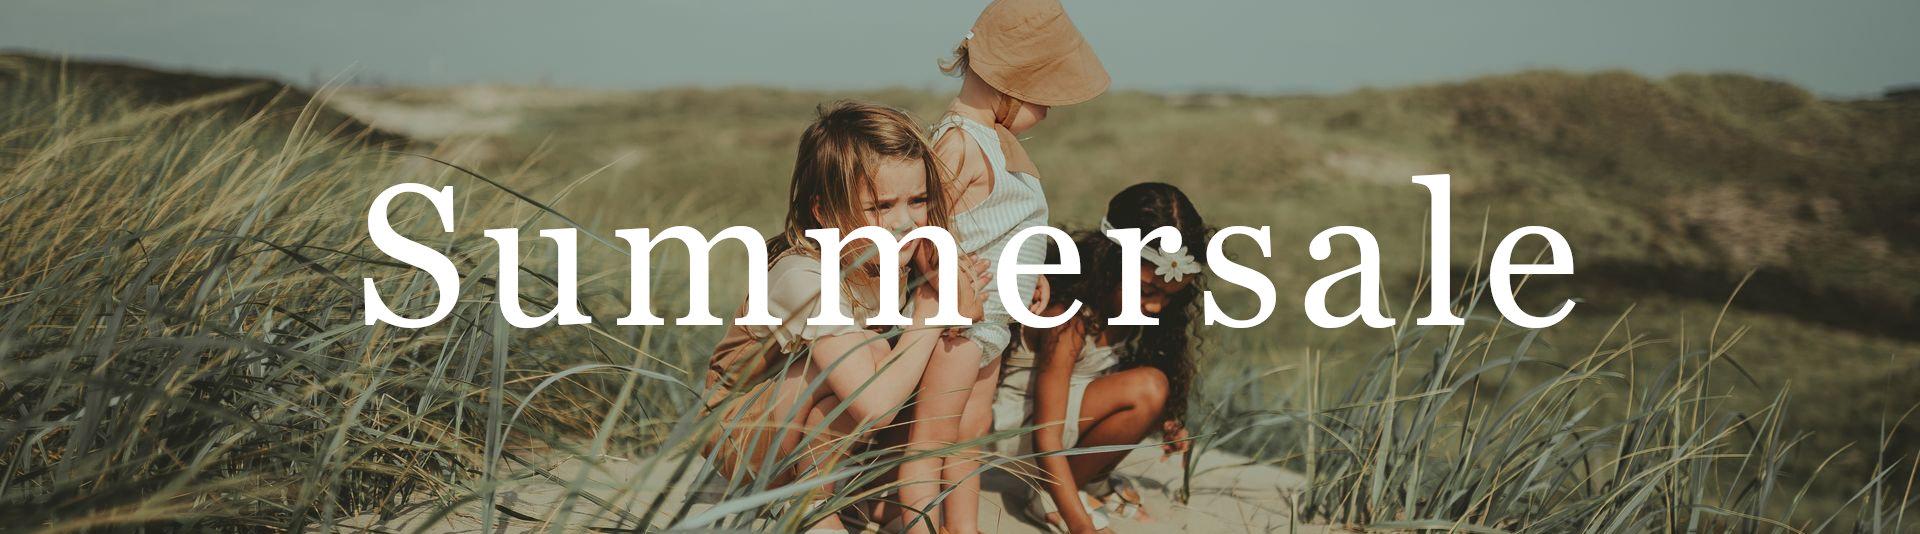 Summersale Banner